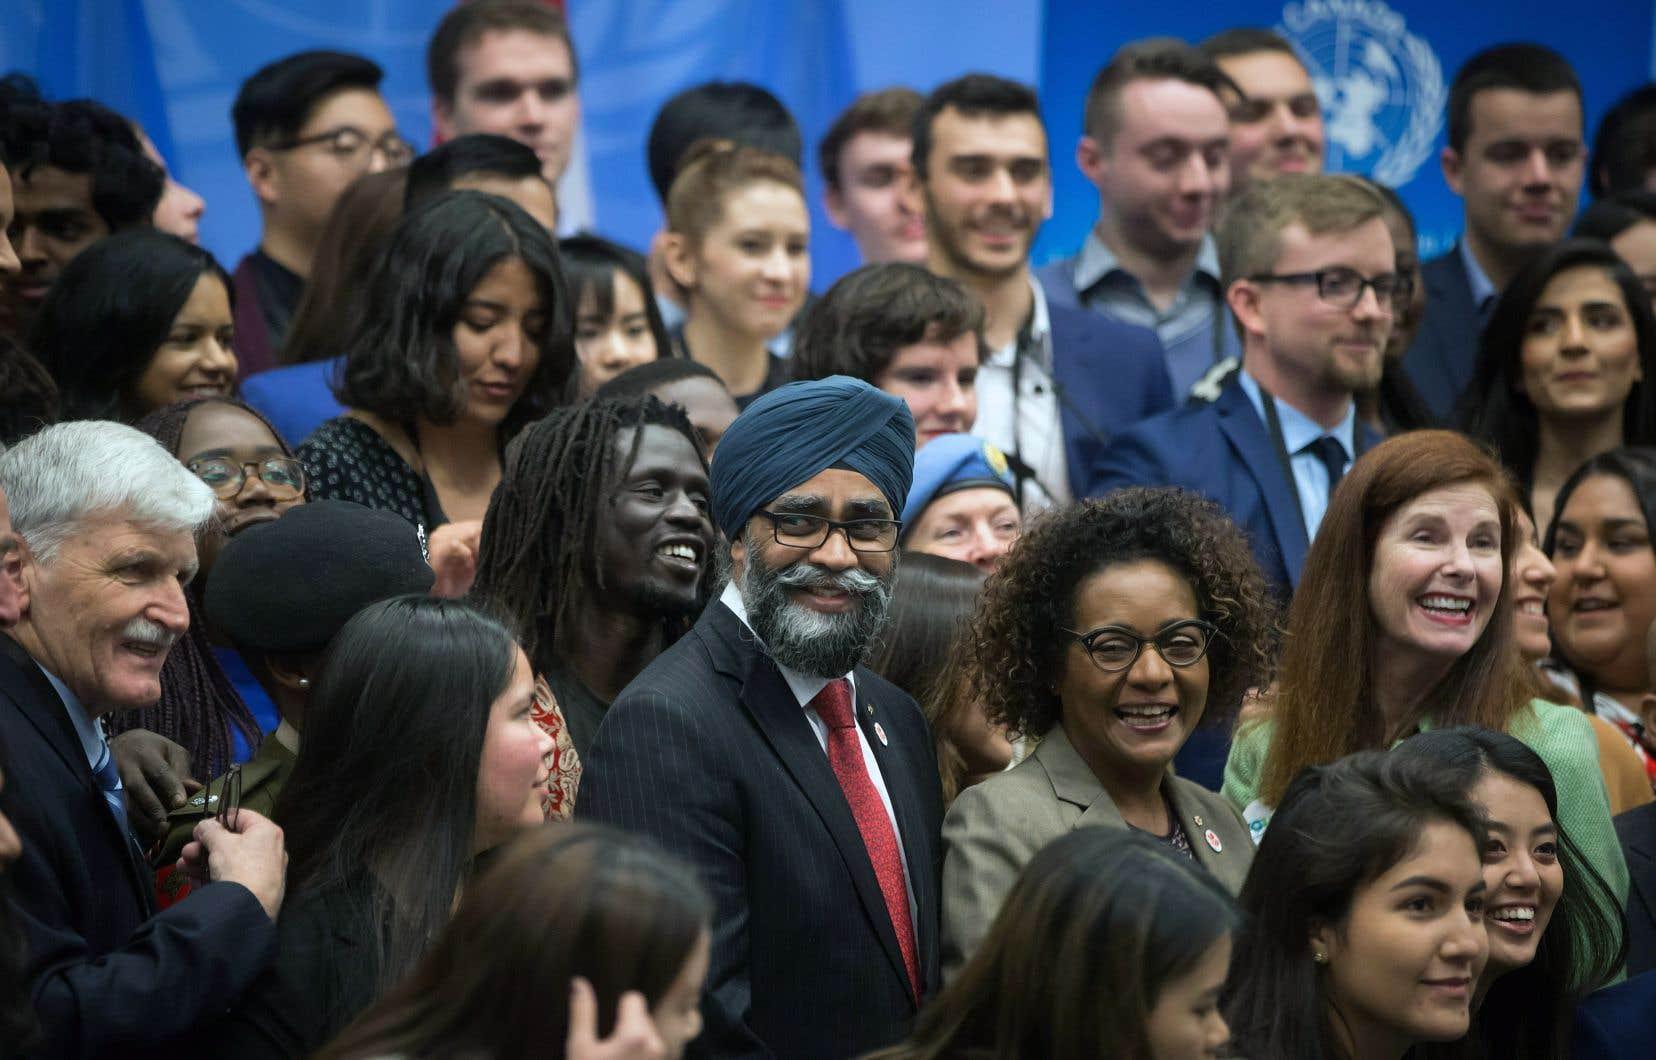 Le ministre canadien de la Défense, Harjit Sajjan, la secrétaire générale de la Francophonie, Michaëlle Jean, et le général à la retraite Roméo Dallaire ont participé mardi à une séance avec des jeunes engagés en faveur de la paix dans le cadre de la conférence ministérielle de l'ONU sur le maintien de la paix qui se tient à Vancouver.